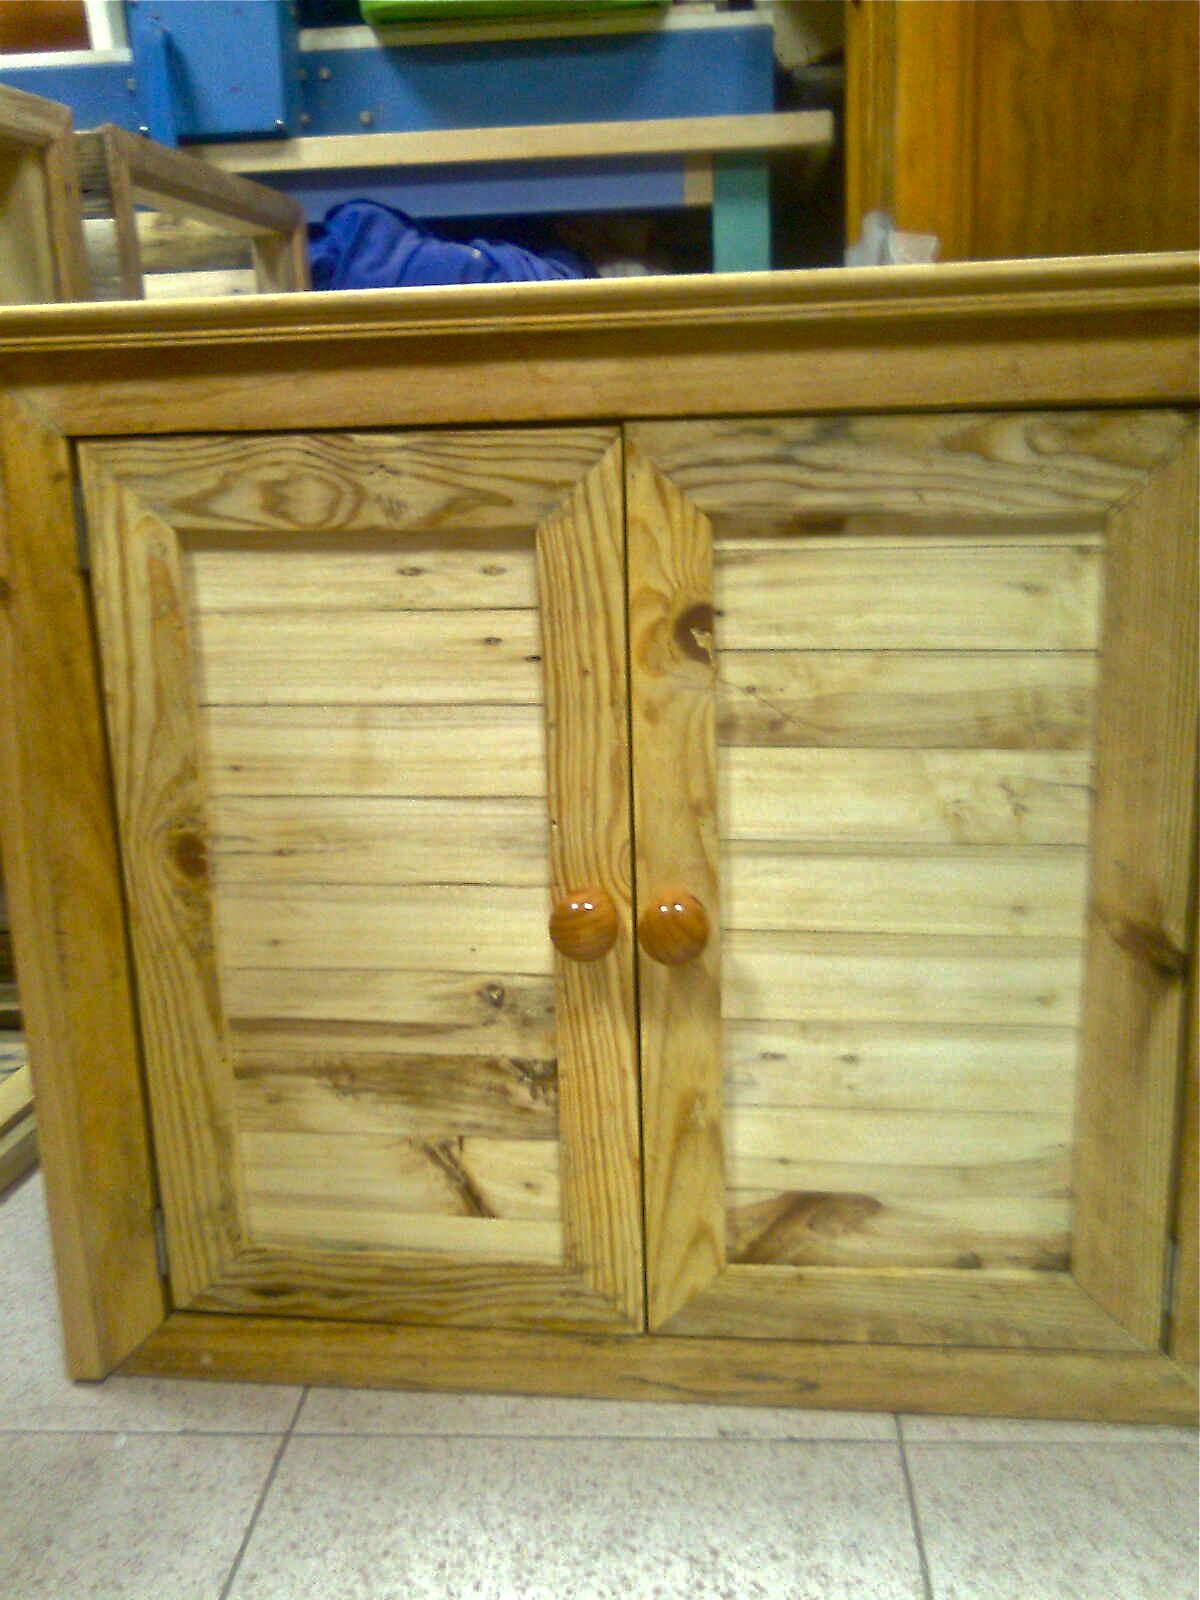 Apafam nuestra tienda muebles a medida con madera reciclada for Muebles de cocina con palets